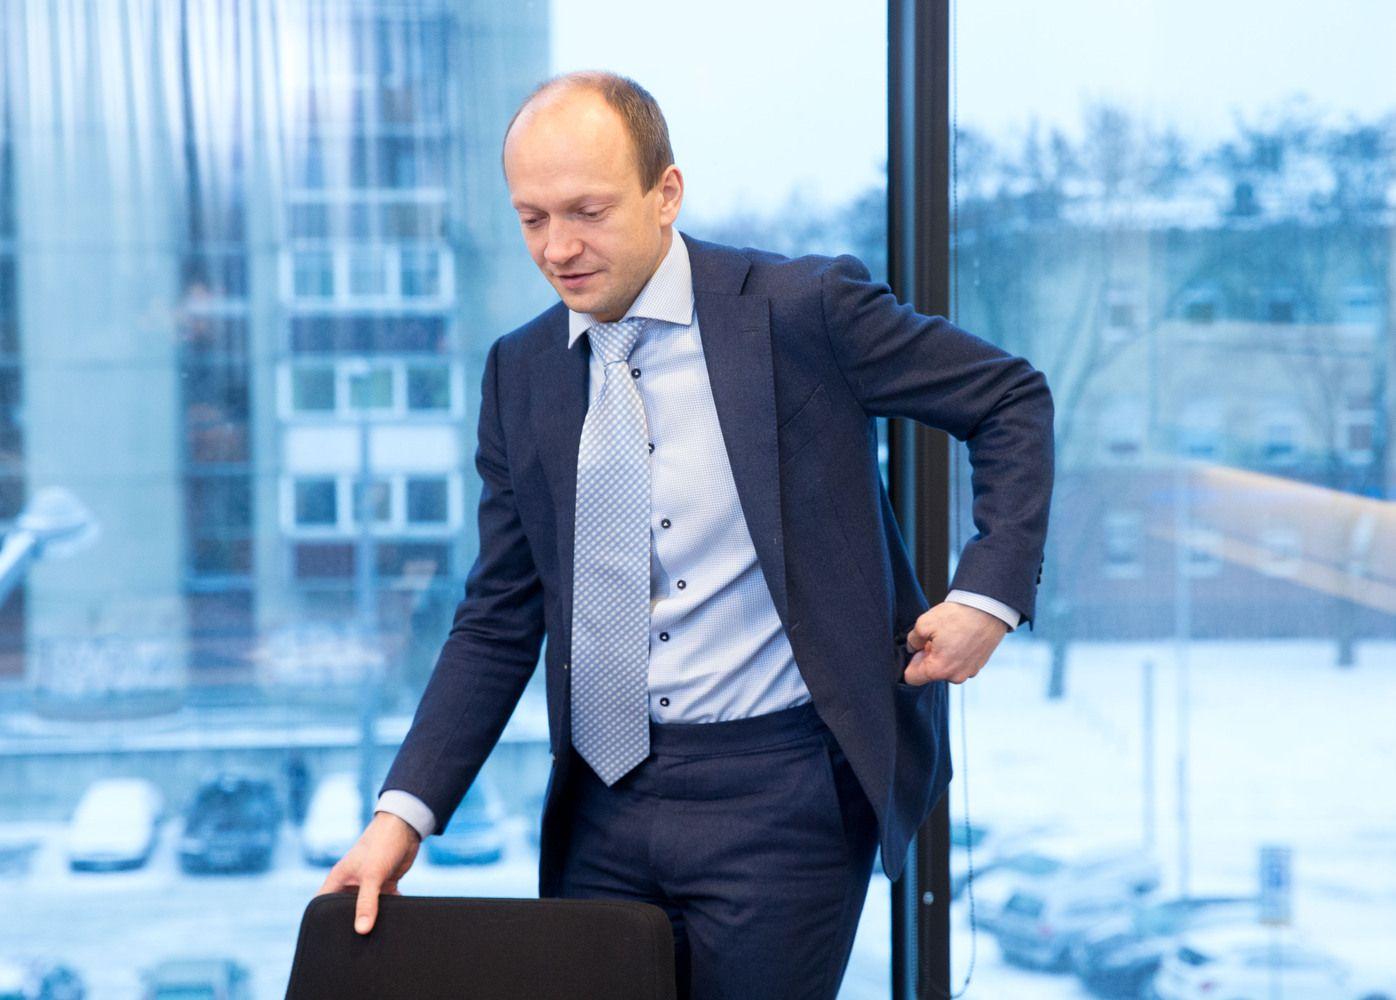 Lėčiausiai besikeičiančiam Lietuvoje sektoriui efektyvinti reikės nebent naujos krizės